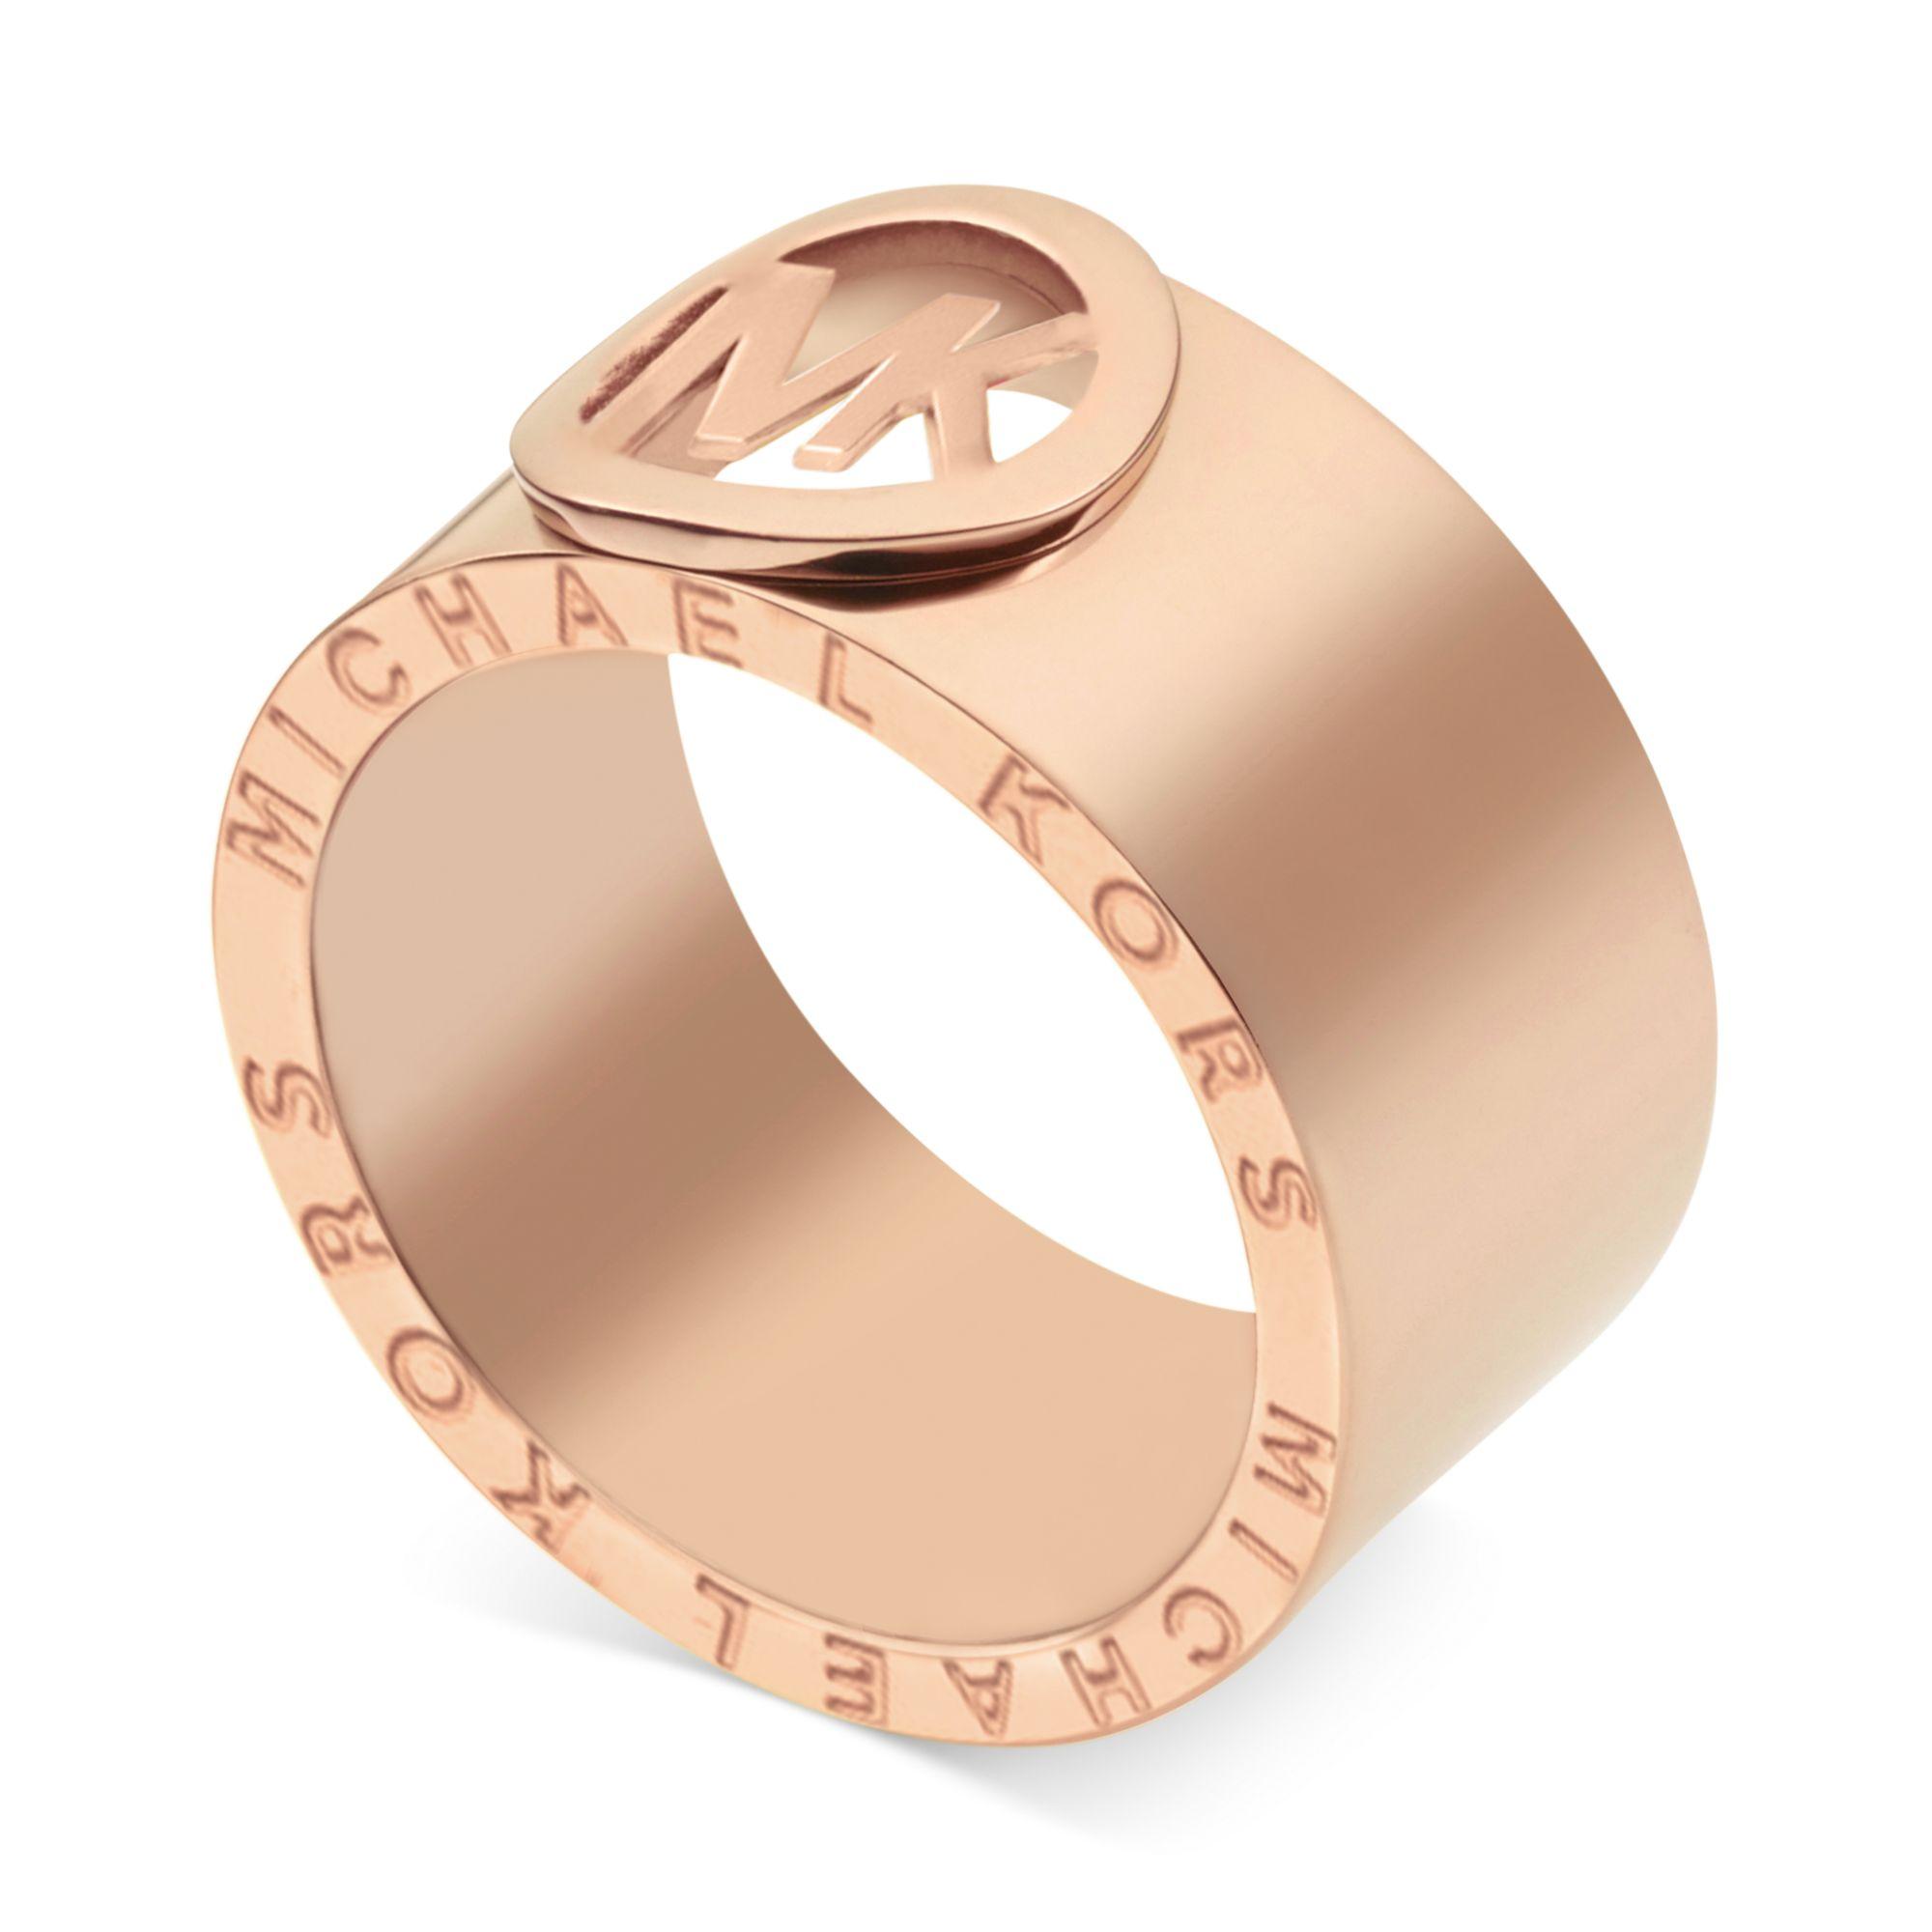 michael kors rose goldtone logo band ring in gold no. Black Bedroom Furniture Sets. Home Design Ideas